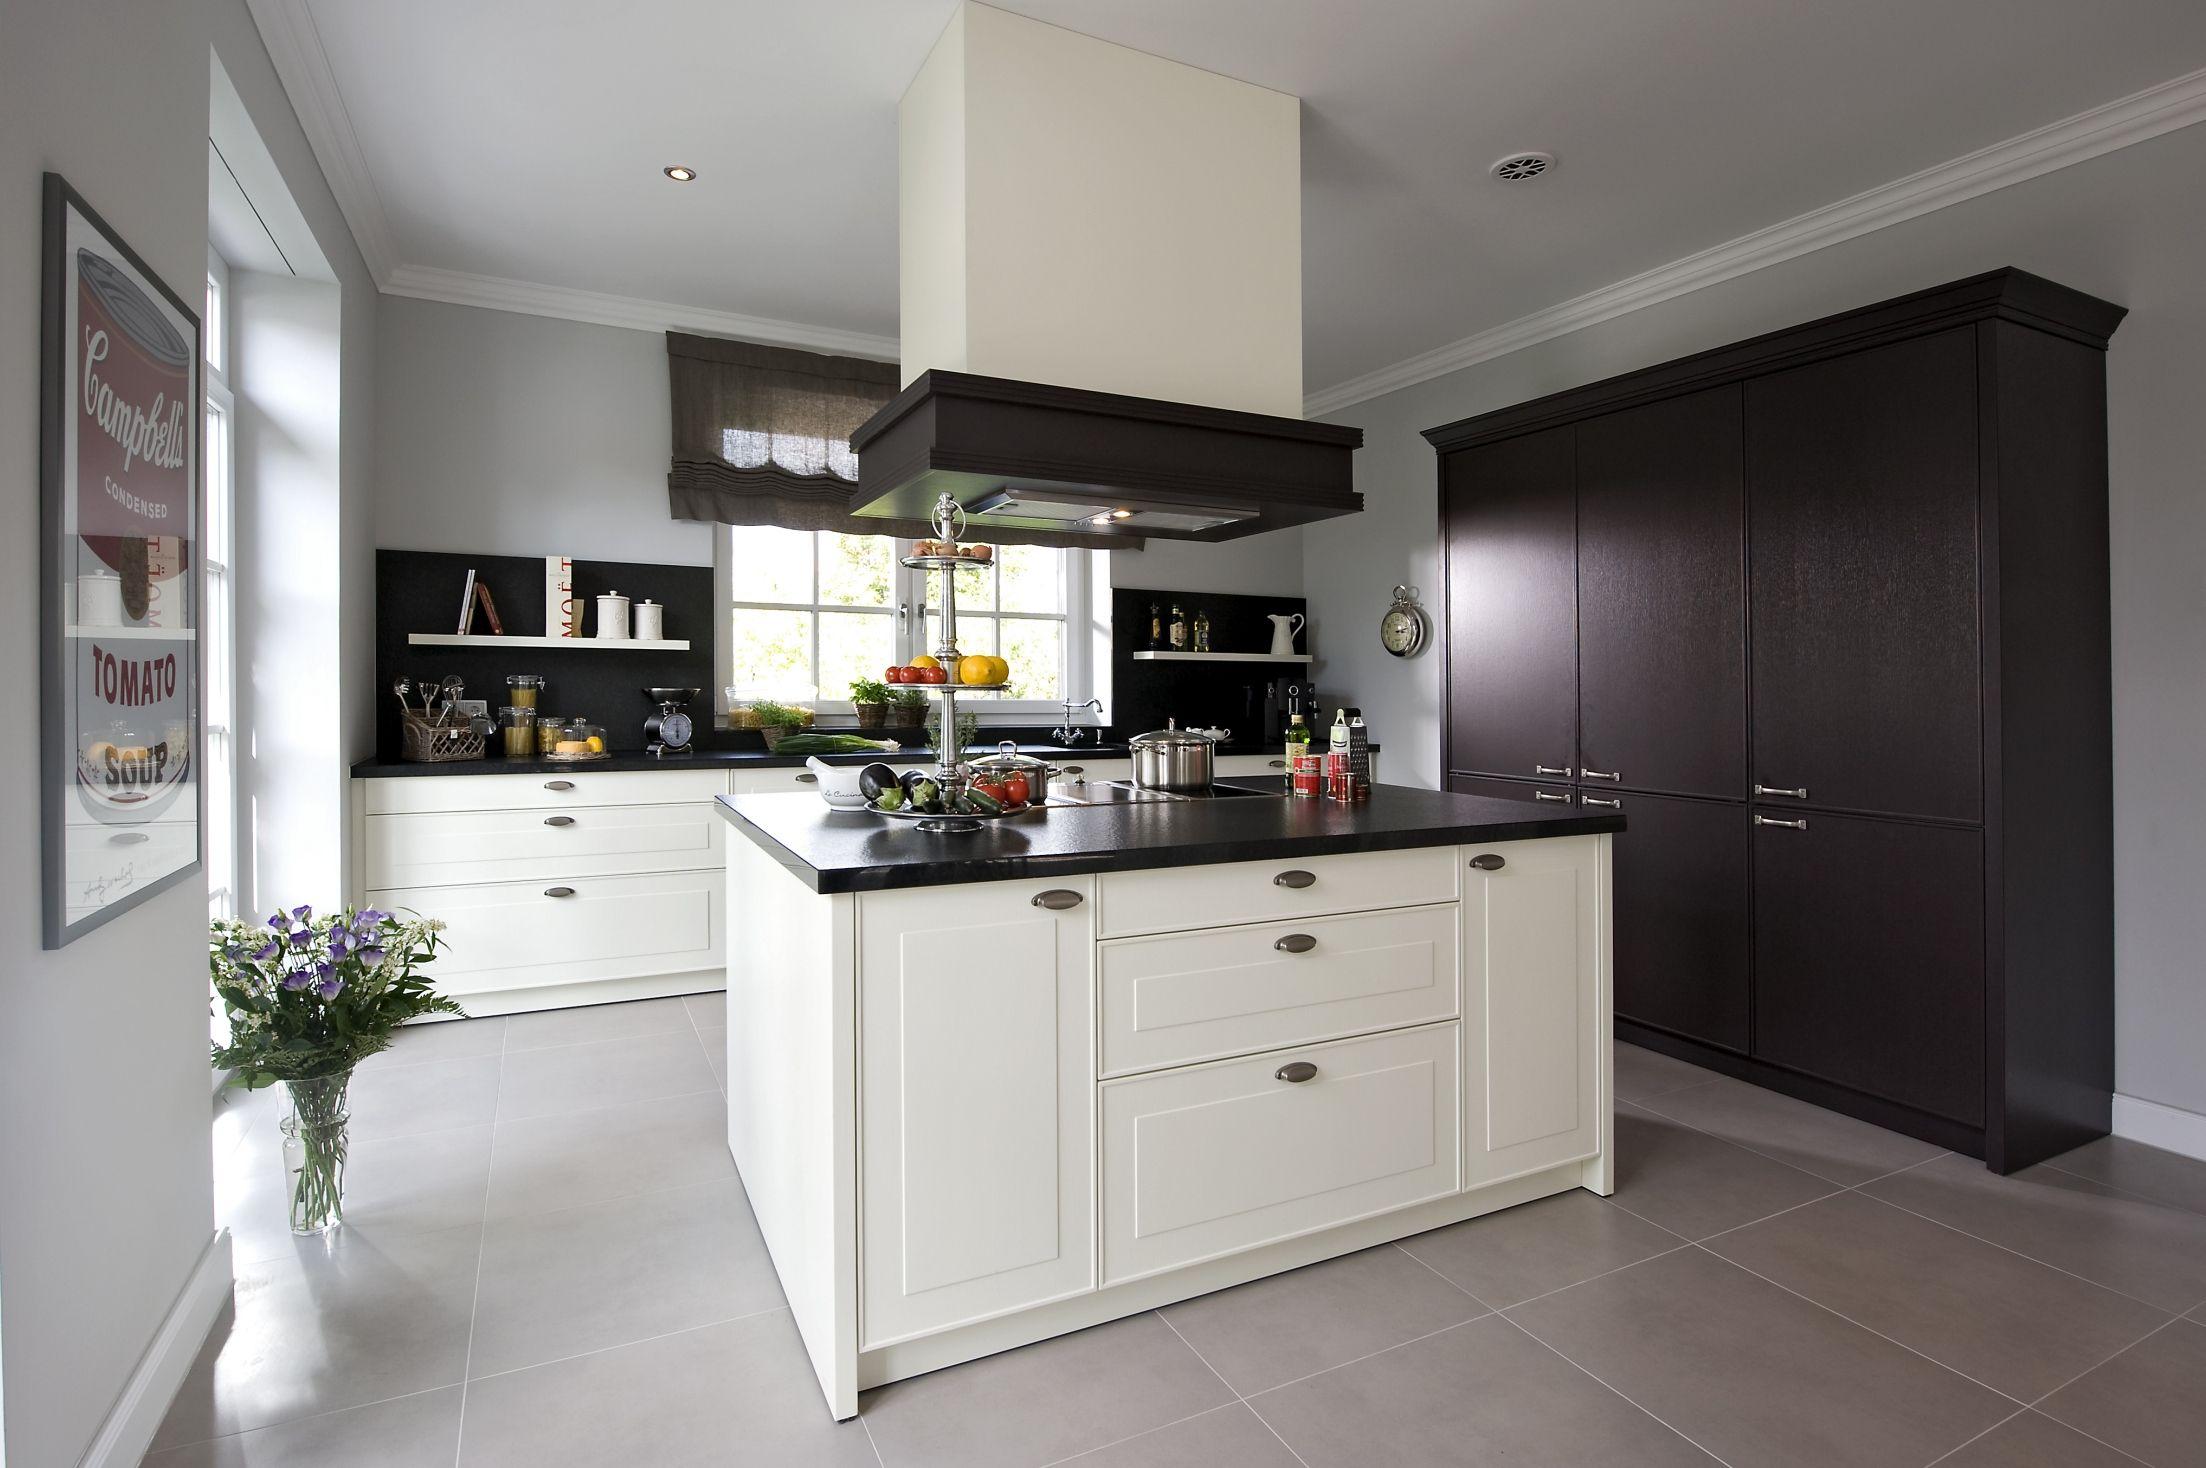 Ziemlich Küchenschränke Weiß Schüttler Bilder - Küchenschrank Ideen ...